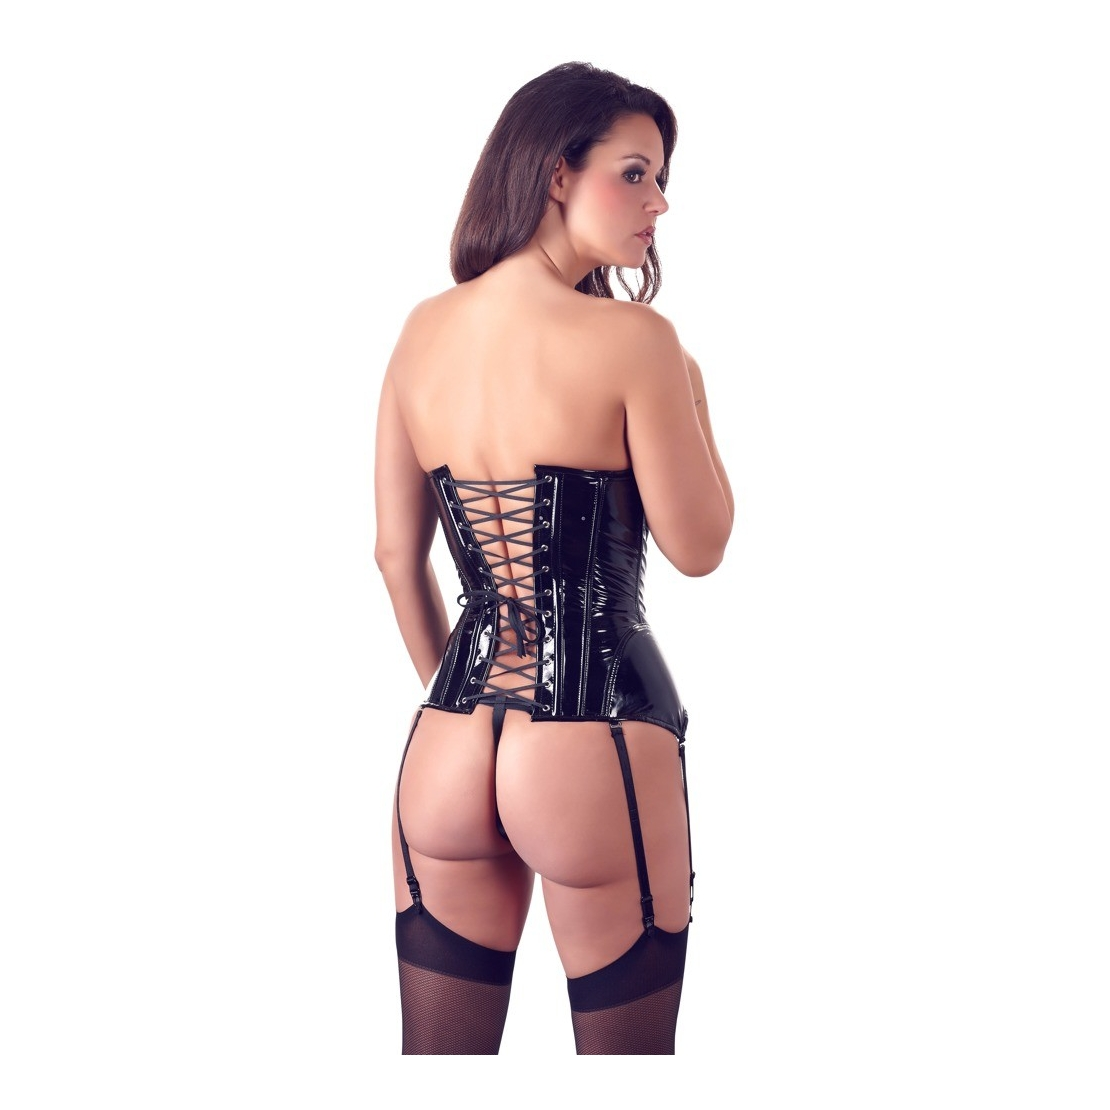 GUEPIERE SEXY PER DONNA IN PVC CON GANCETTI